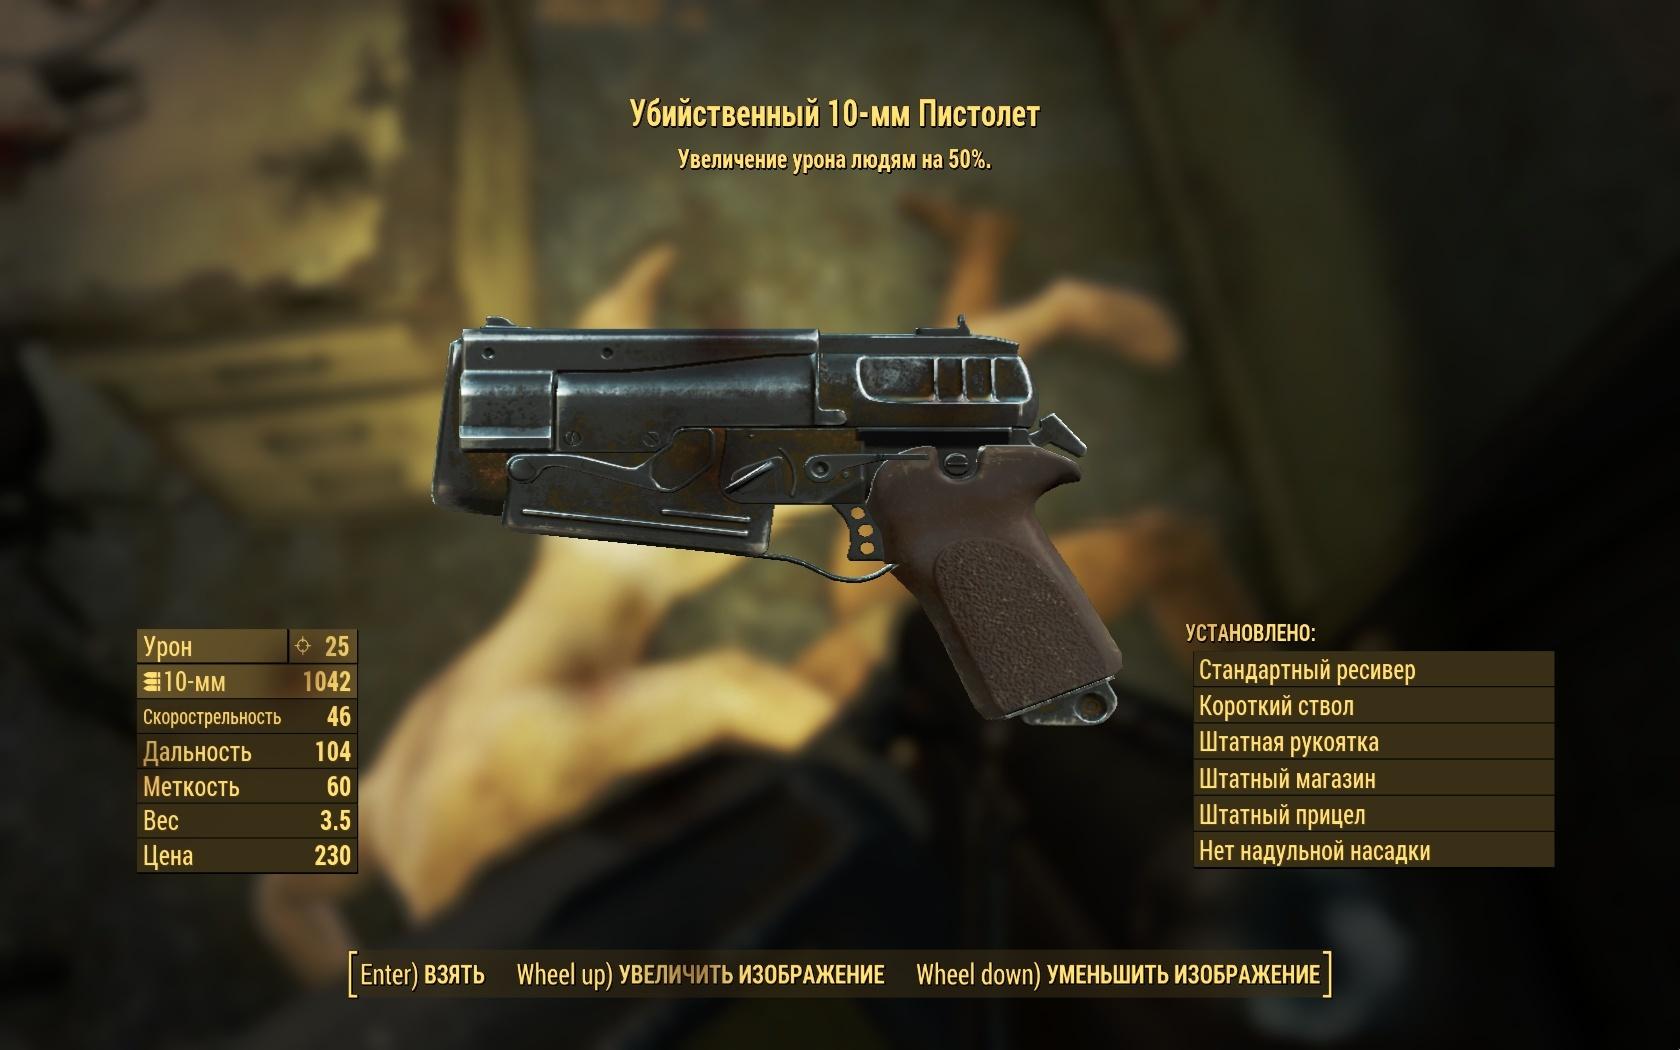 Убийственный 10-мм пистолет - Fallout 4 10-мм, Оружие, Убийственный